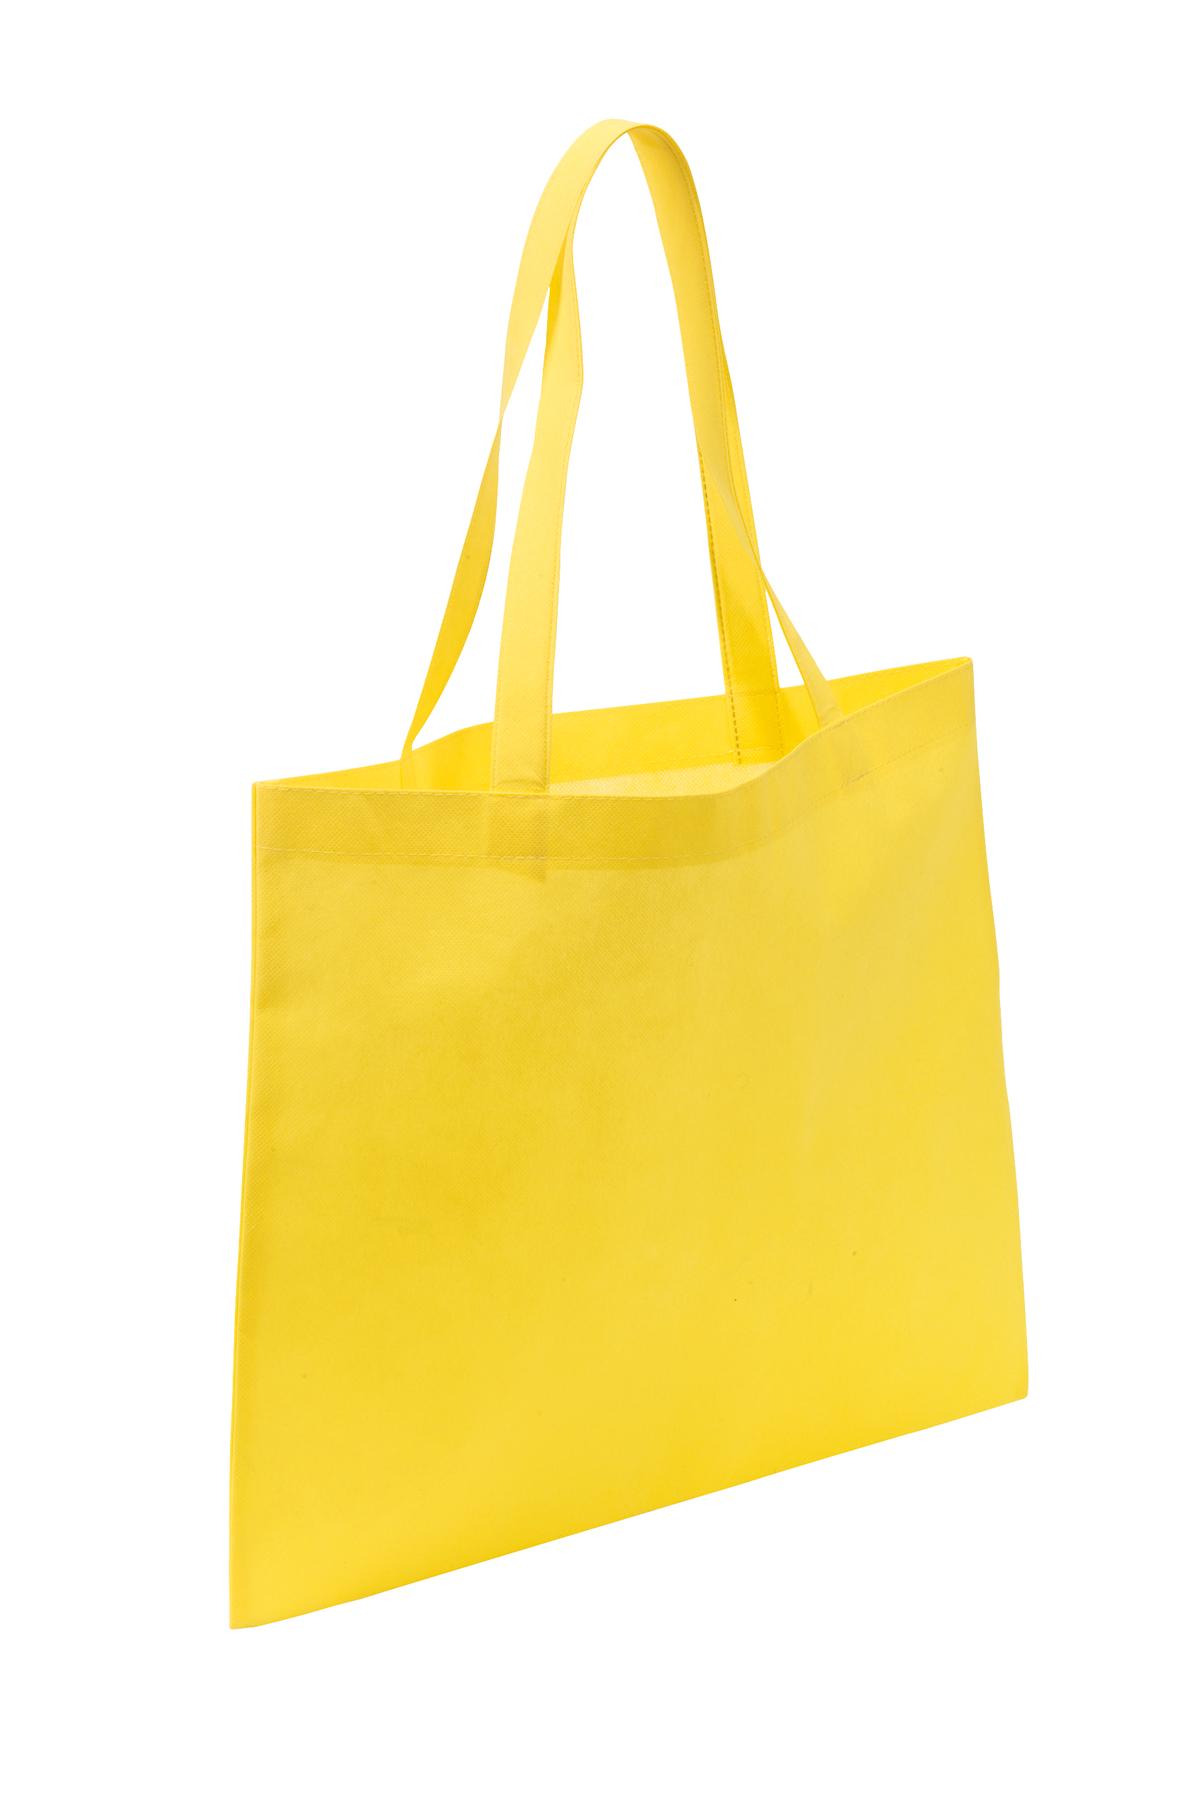 Torba na zakupy MARKET, żółty